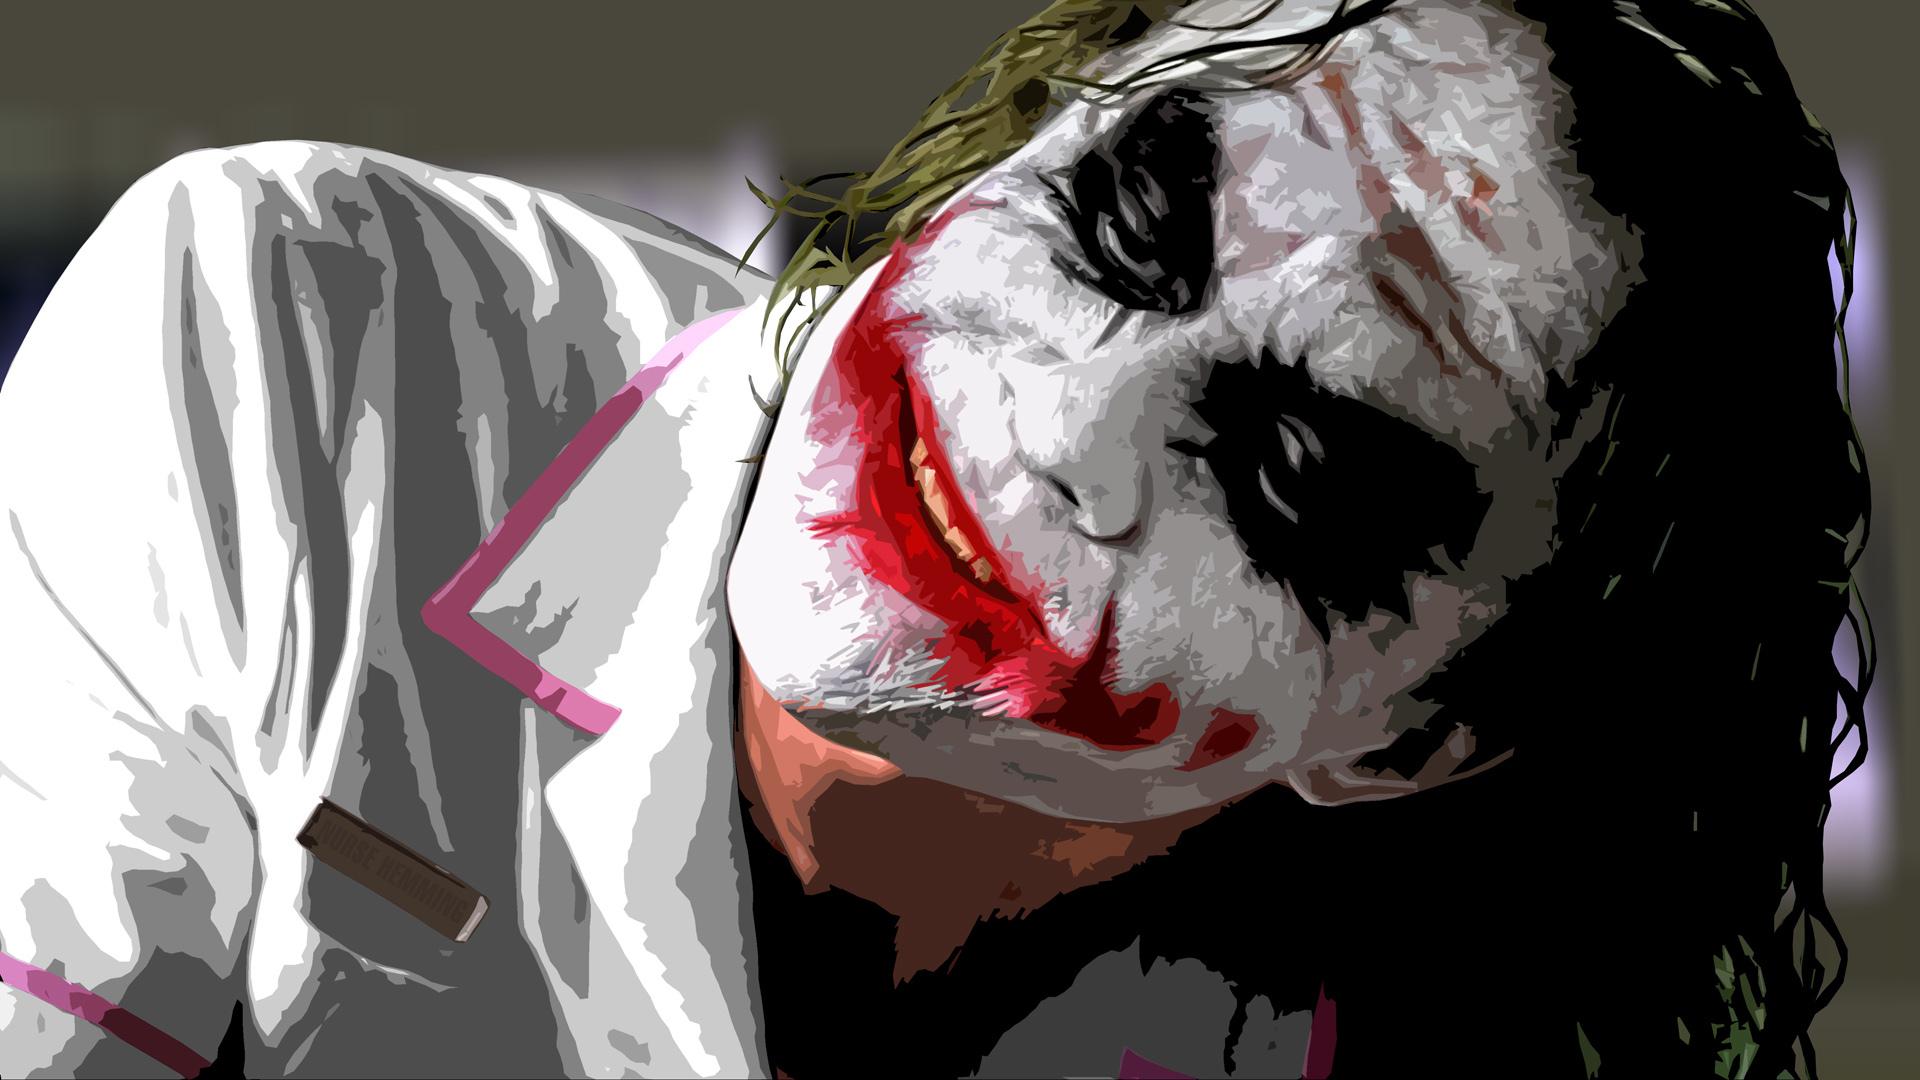 17032 Hintergrundbild herunterladen Kino, Batman, Joker - Bildschirmschoner und Bilder kostenlos